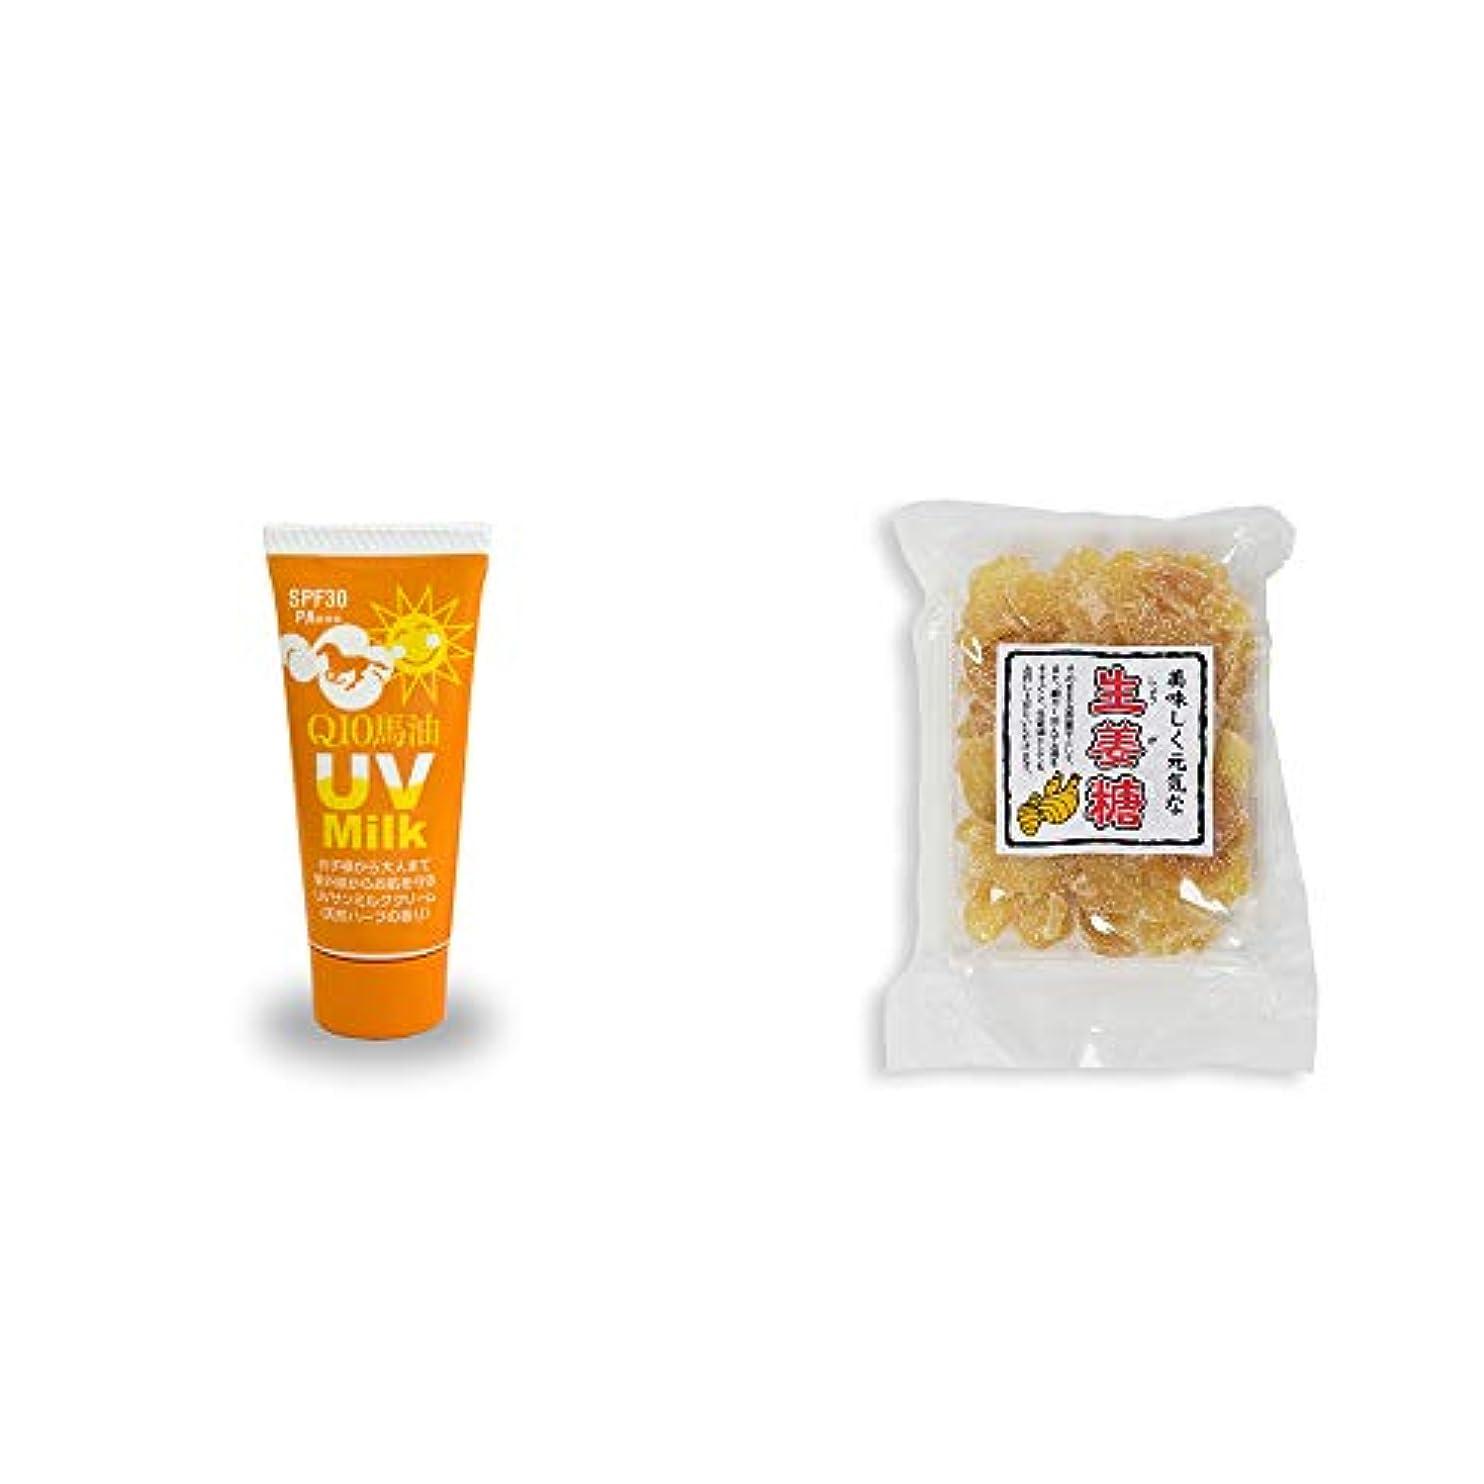 効率的に軽減敵意[2点セット] 炭黒泉 Q10馬油 UVサンミルク[天然ハーブ](40g)?生姜糖(230g)